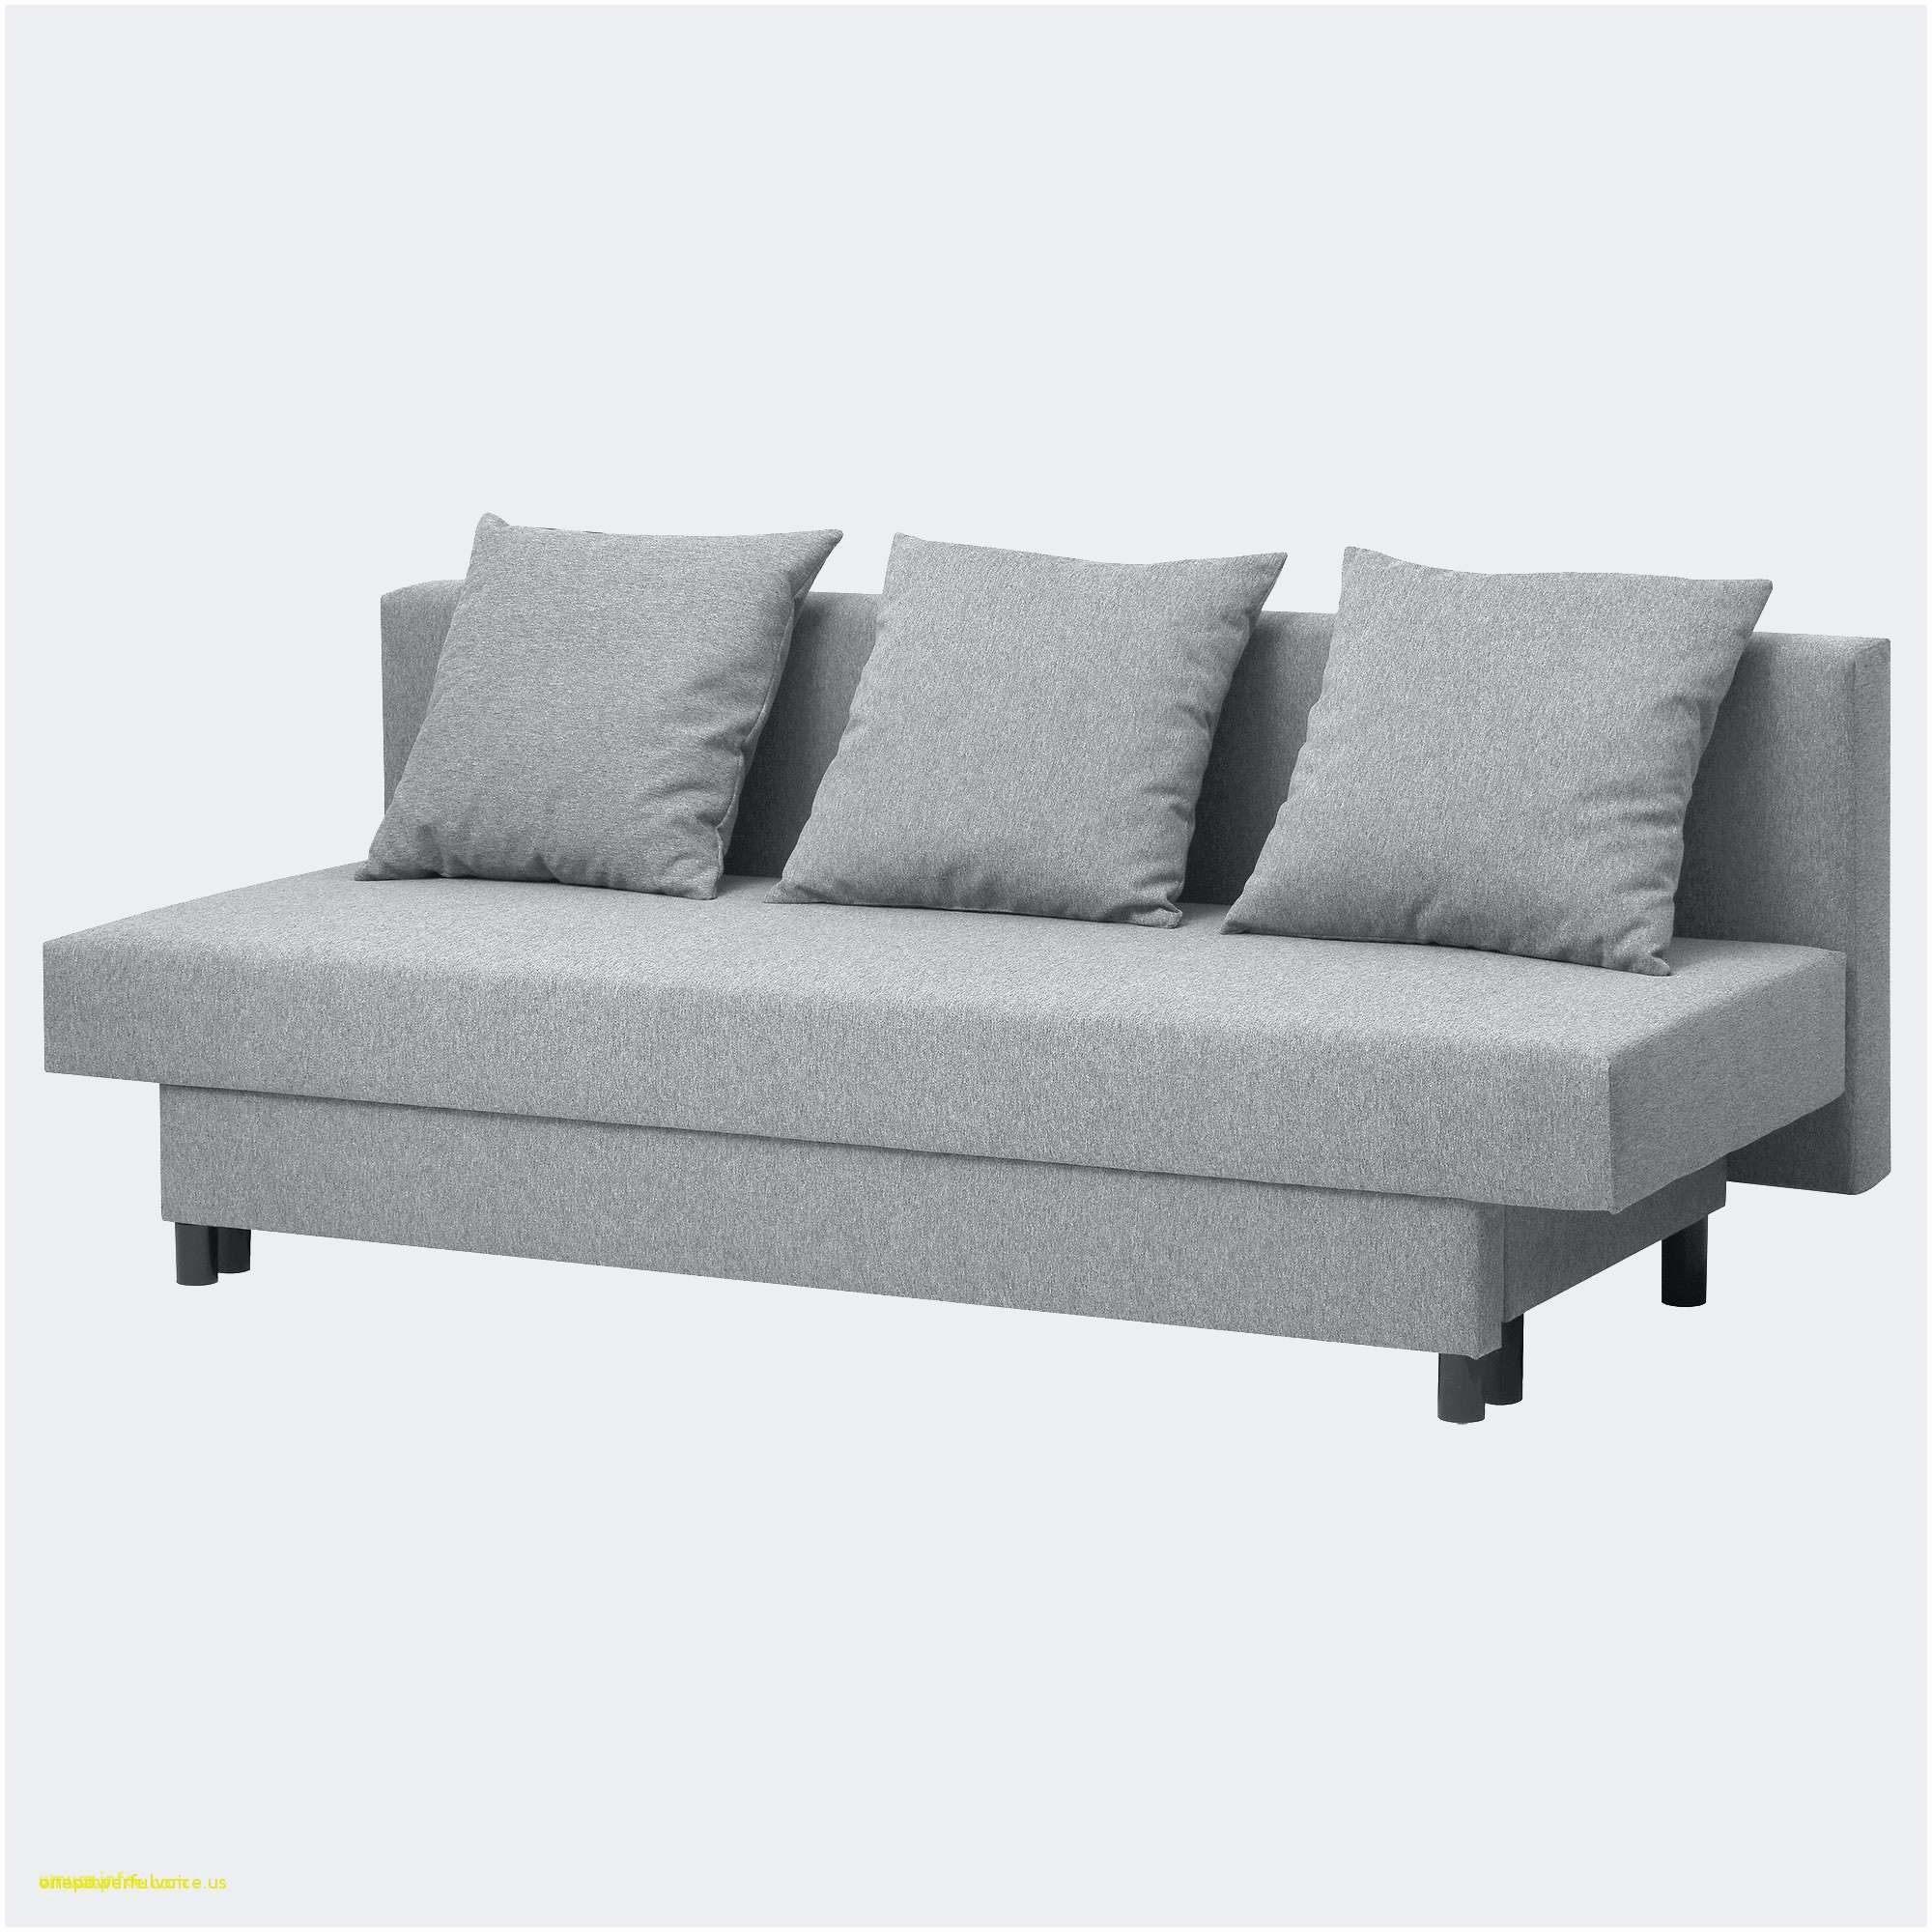 La Redoute Canapé Lit Génial Luxe Brillant Avec attrayant Canapé Convertible Bureau Pour Votre